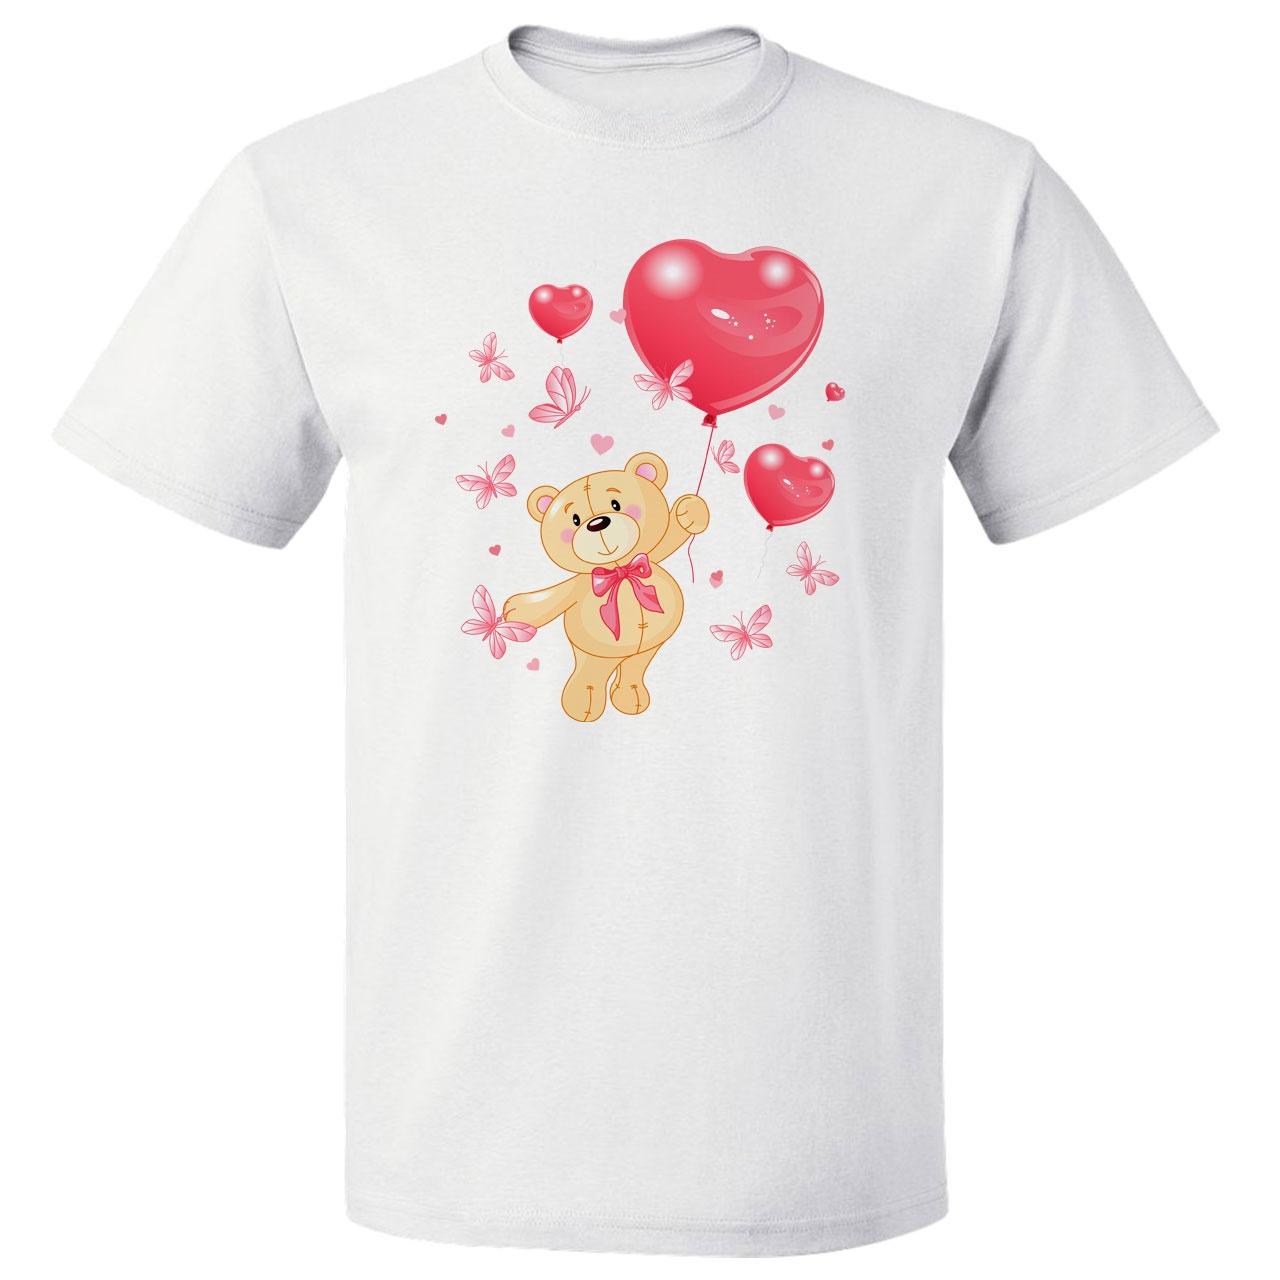 تی شرت مارس طرح تم تولد خرس کد 3597